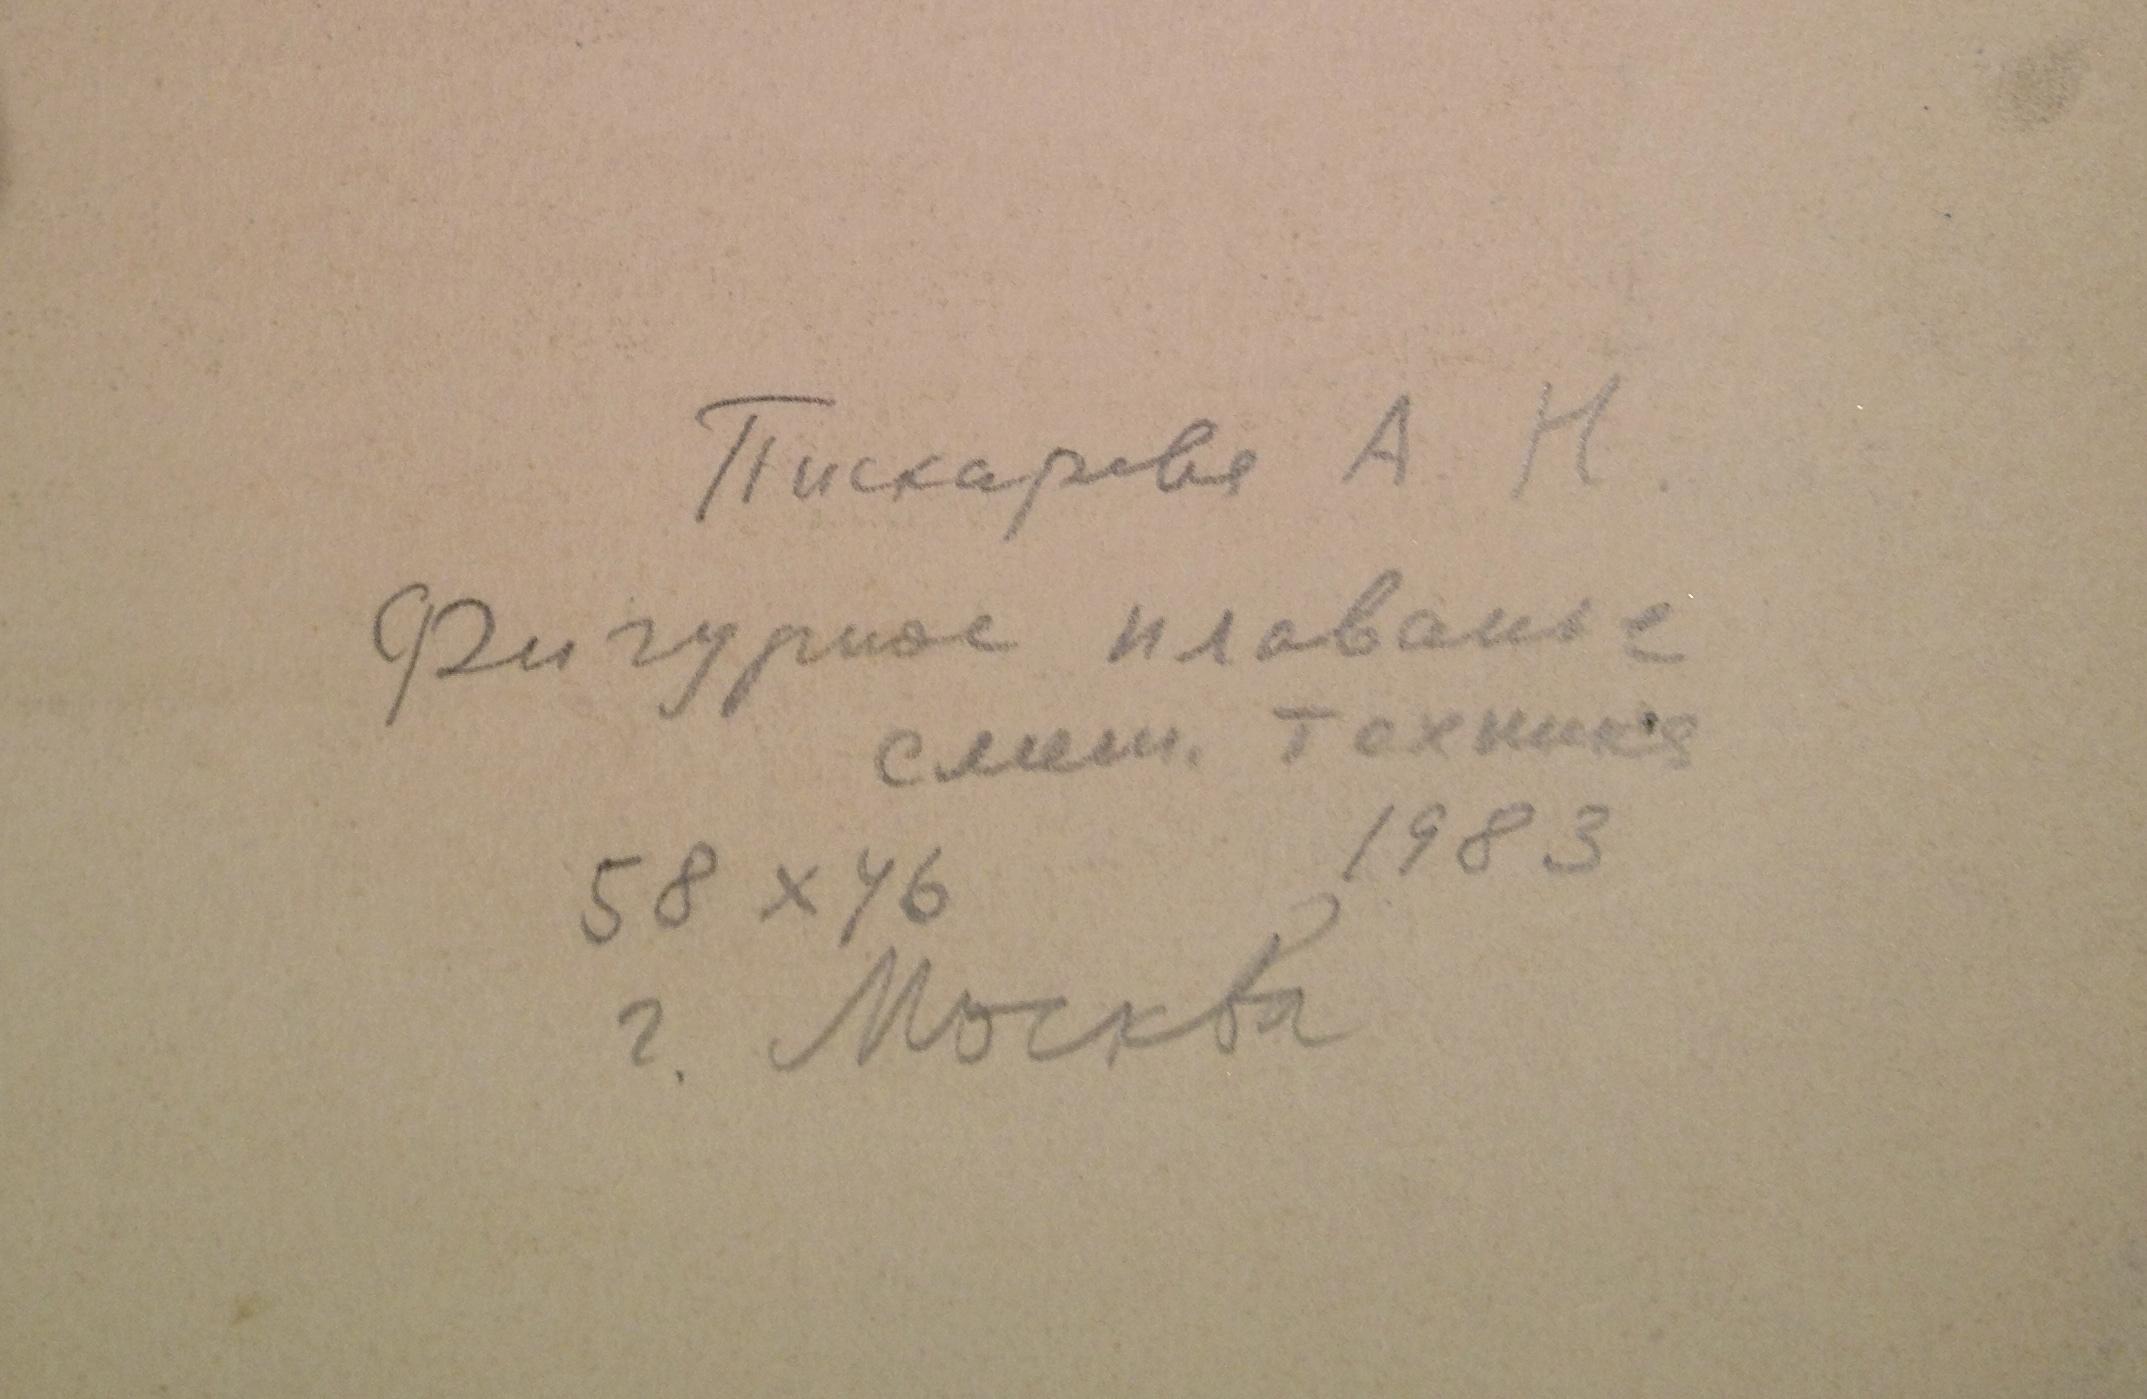 Оборот. Пискарева Анна Николаевна. Фигурное плавание.